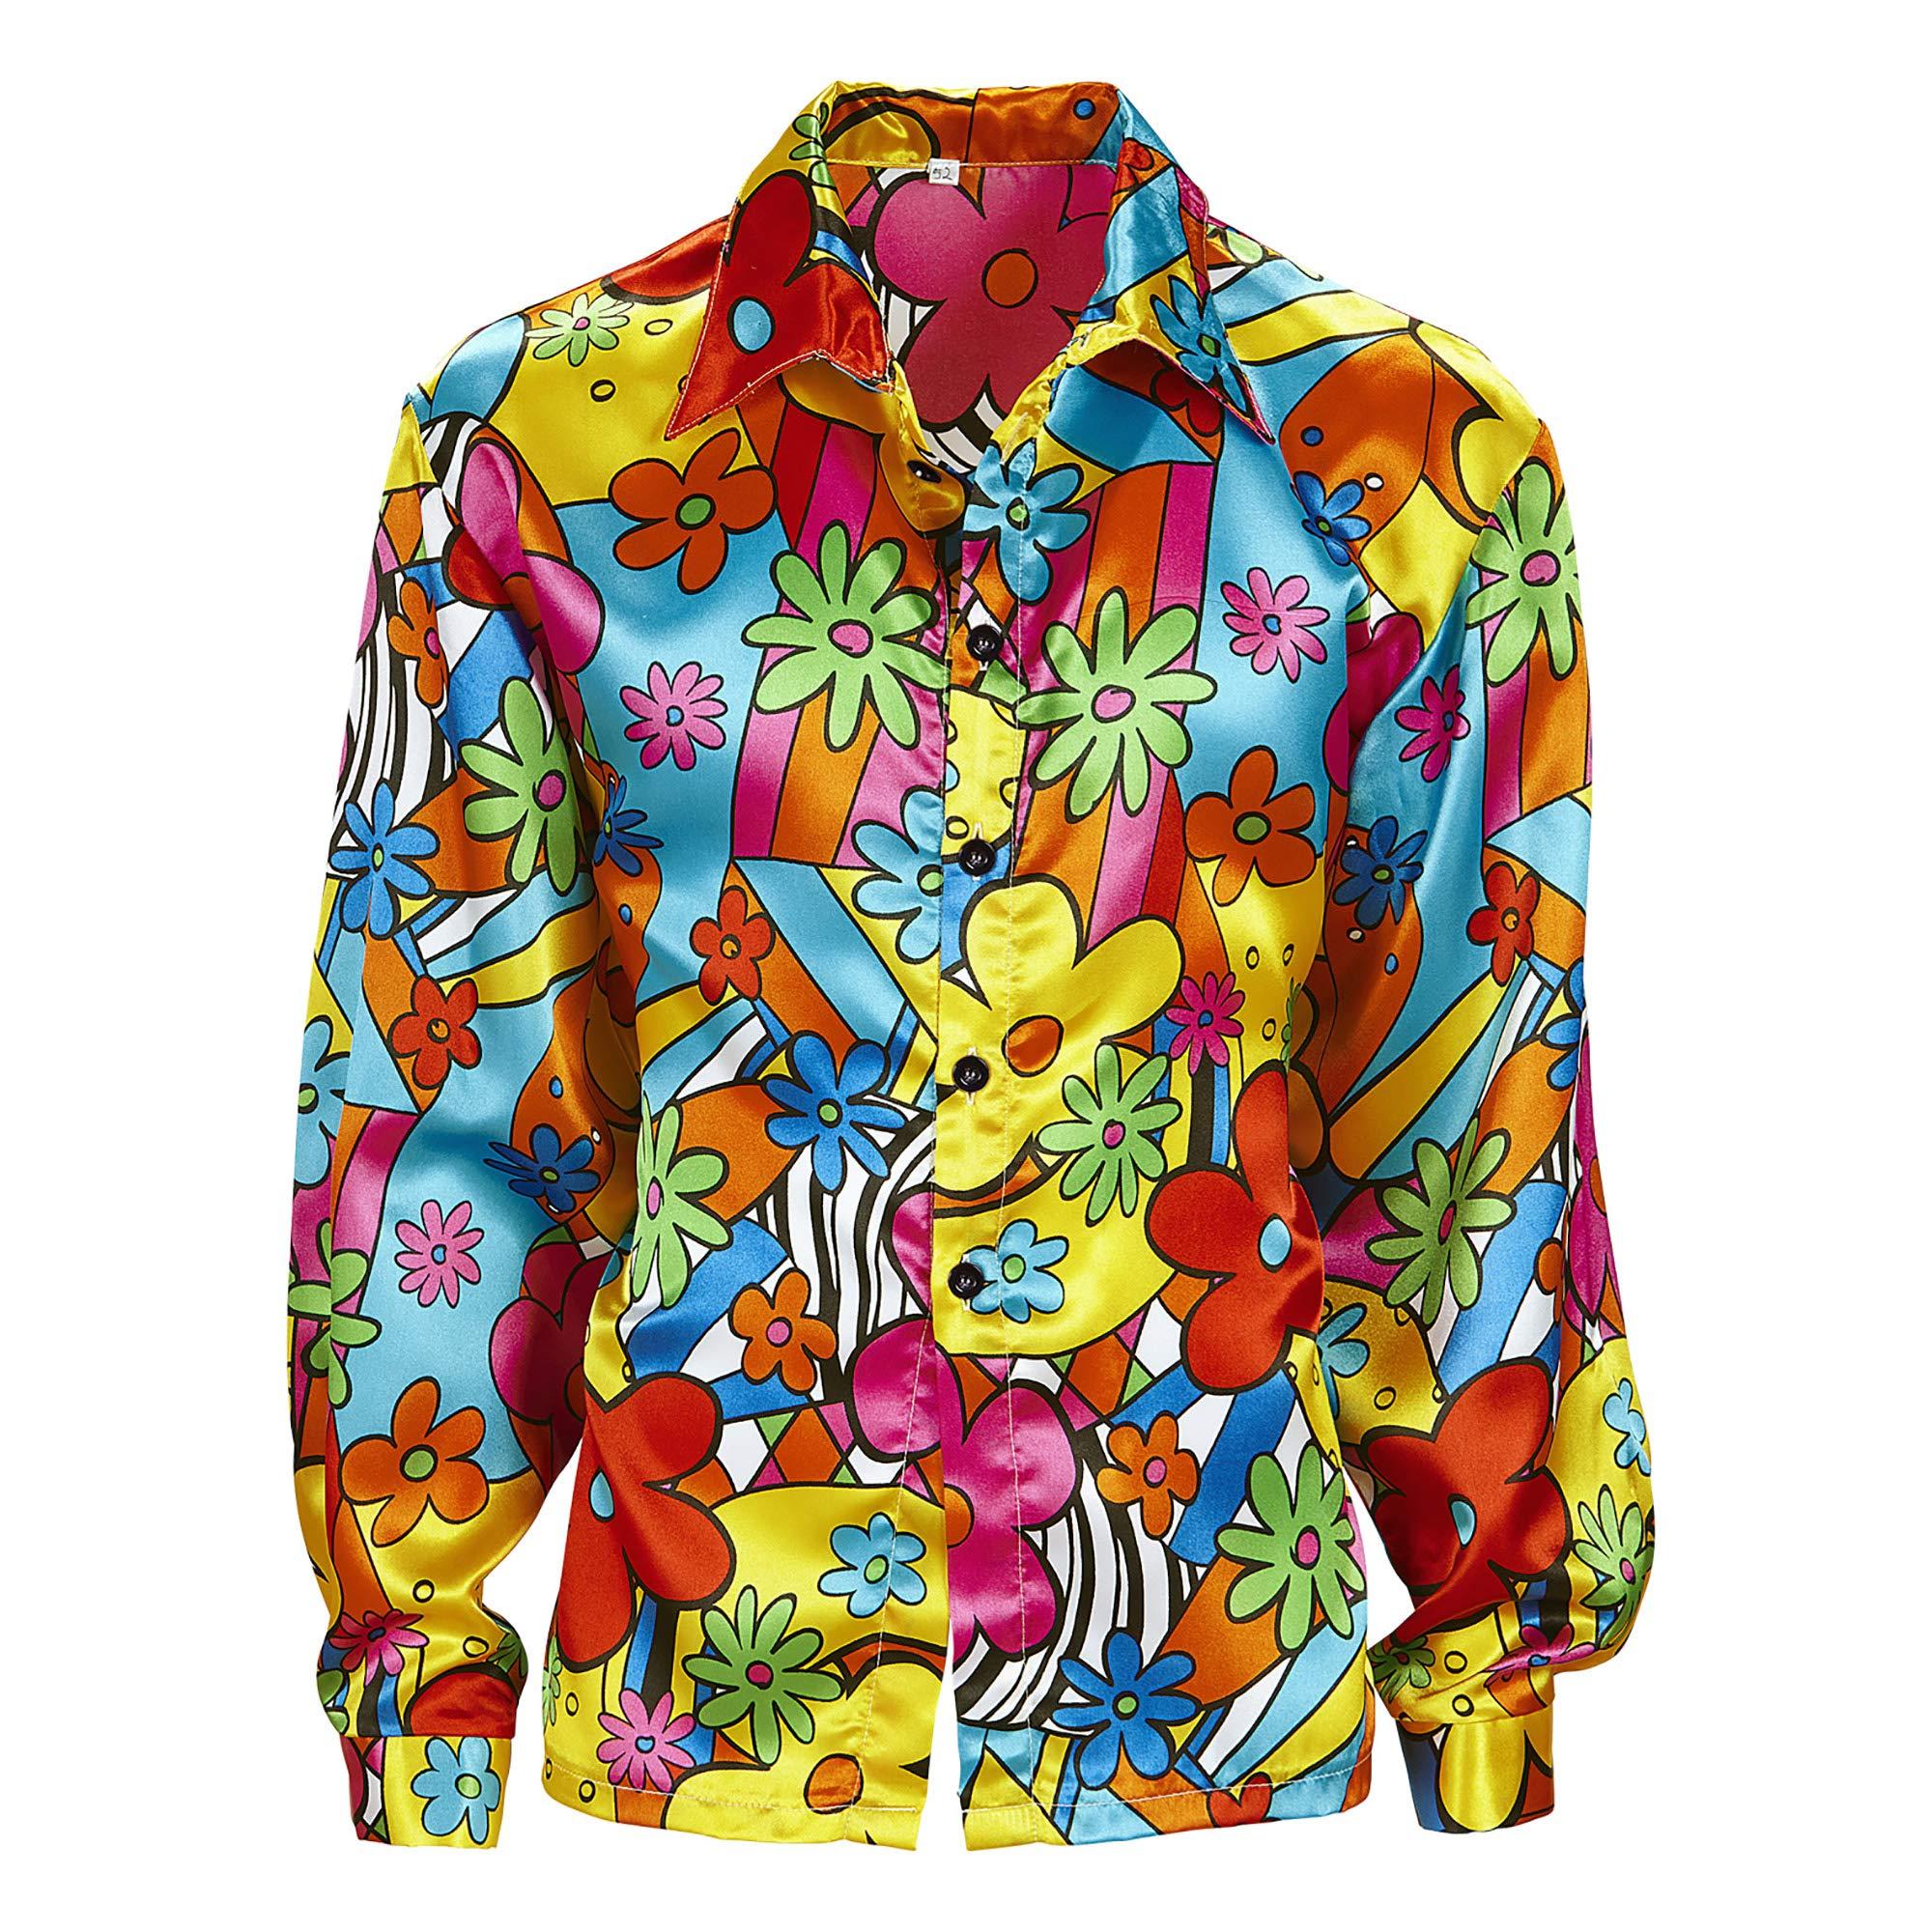 WIDMANN 7399 M adultos Disfraz Flower Power Camisa para hombre, multicolor, XXL: Amazon.es: Juguetes y juegos